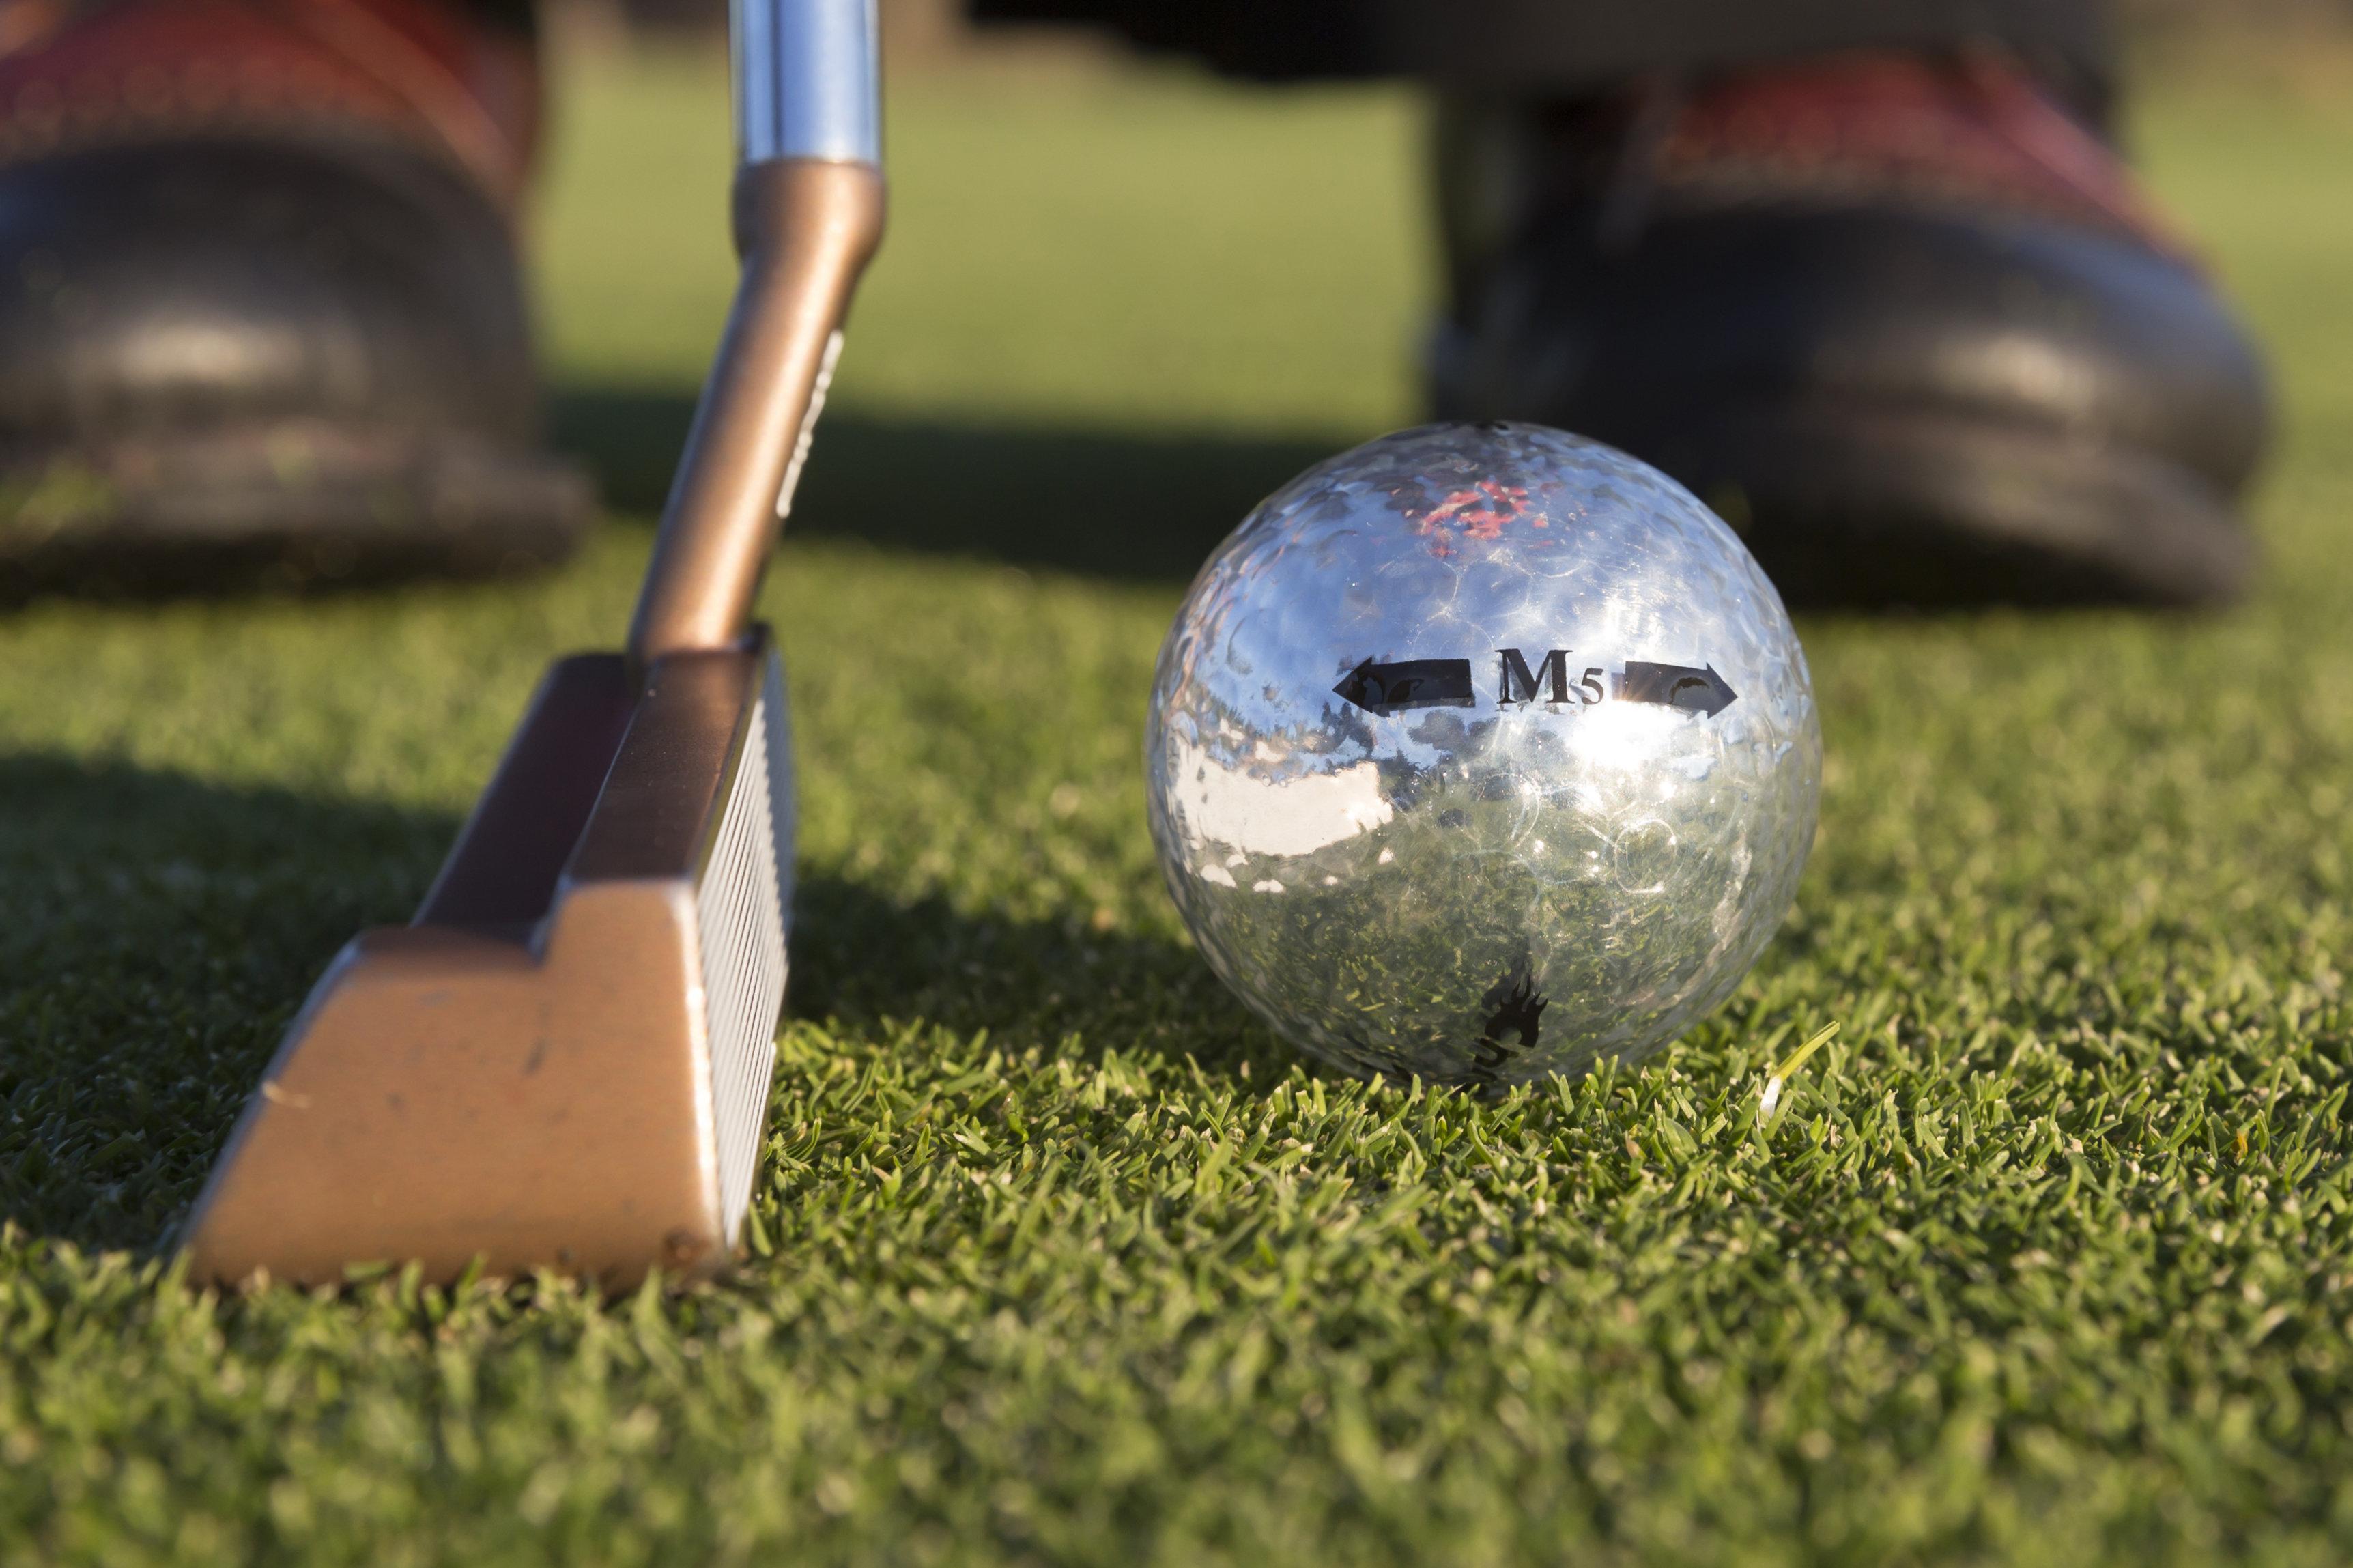 Chromax silver golf ball M5 putting